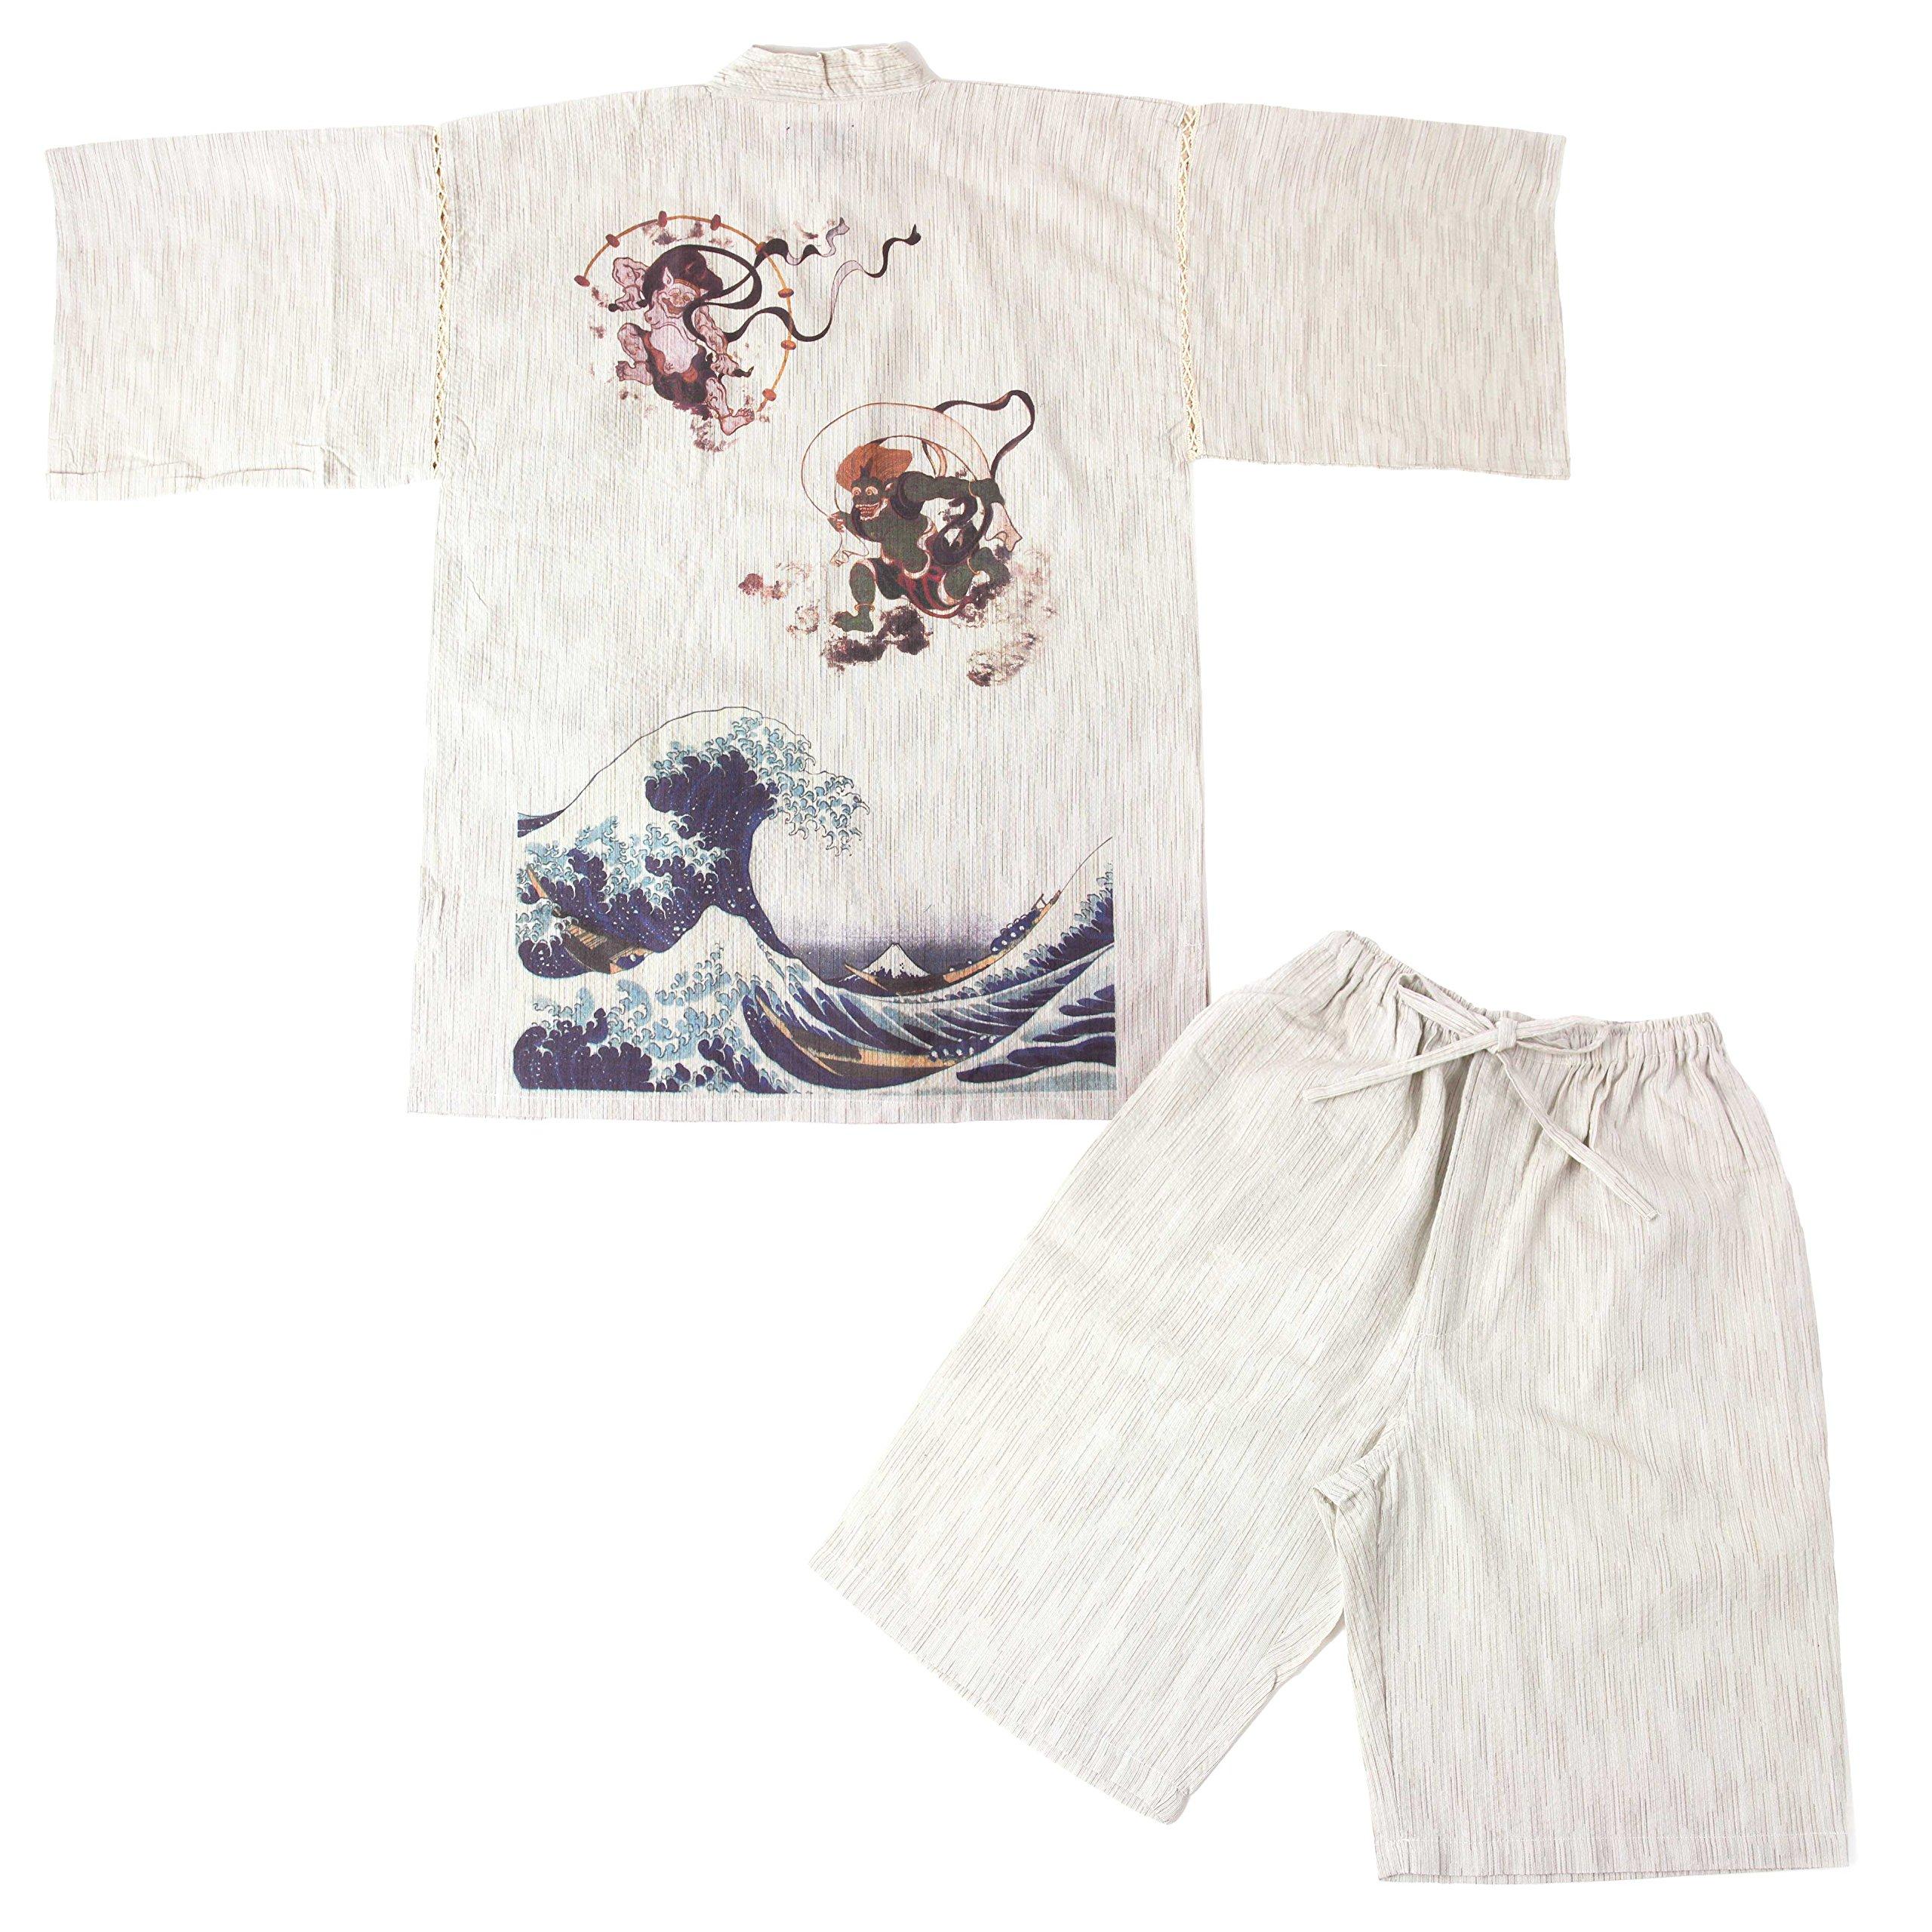 Edoten Men's Japan Kimono 704 Jinbei fujin raijin nami XL